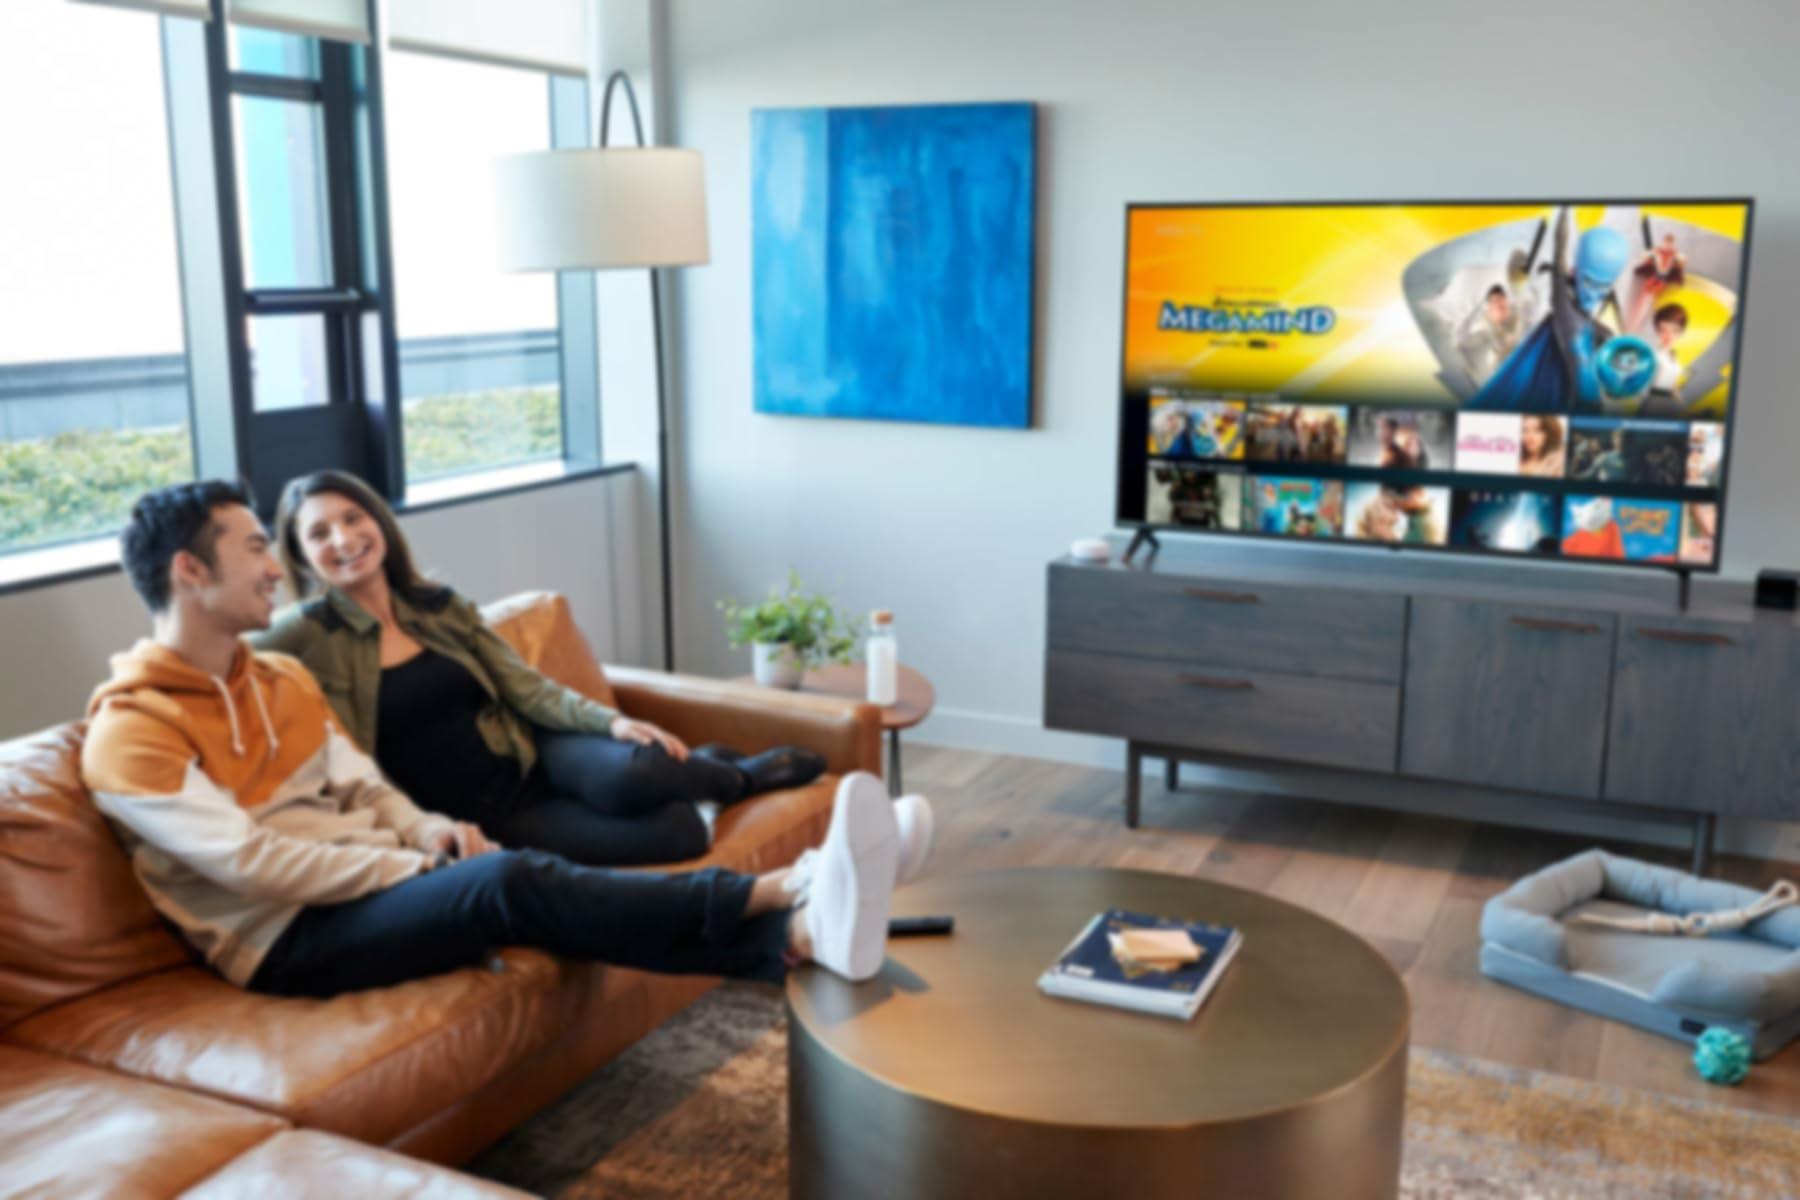 Un chico y una chica se ríen juntos mientras están sentados en el sofá de una sala de estar con un televisor en el fondo. La pantalla del televisor muestra una selección de películas.